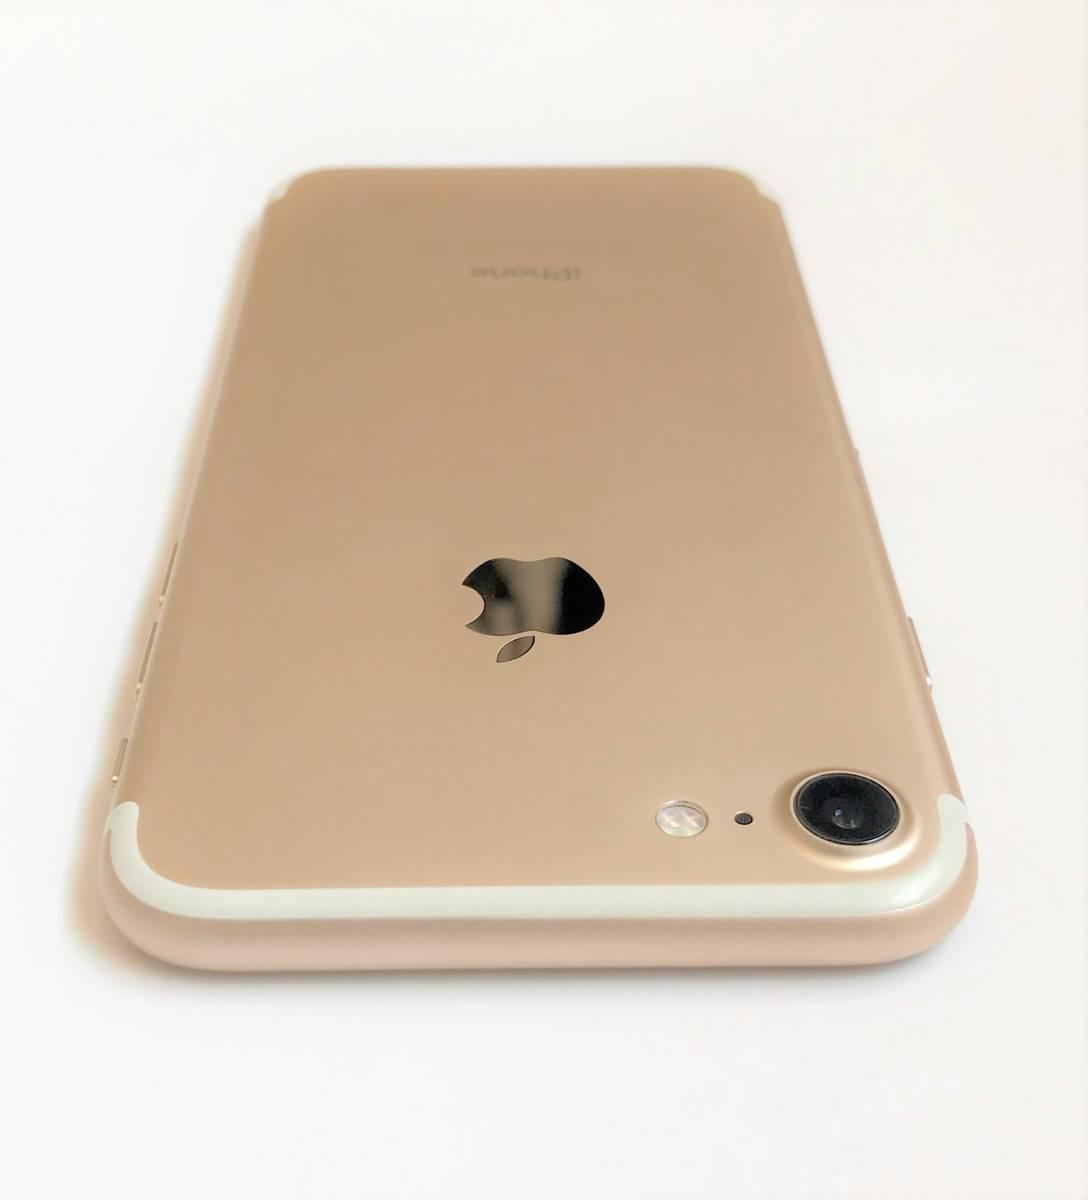 【送料185円】新品同様 iPhone7 SIMフリー 128GB 【バッテリー81%】ゴールド SIMロック解除済み【格安SIMも使用可能】 超美品 1円スタート_画像3